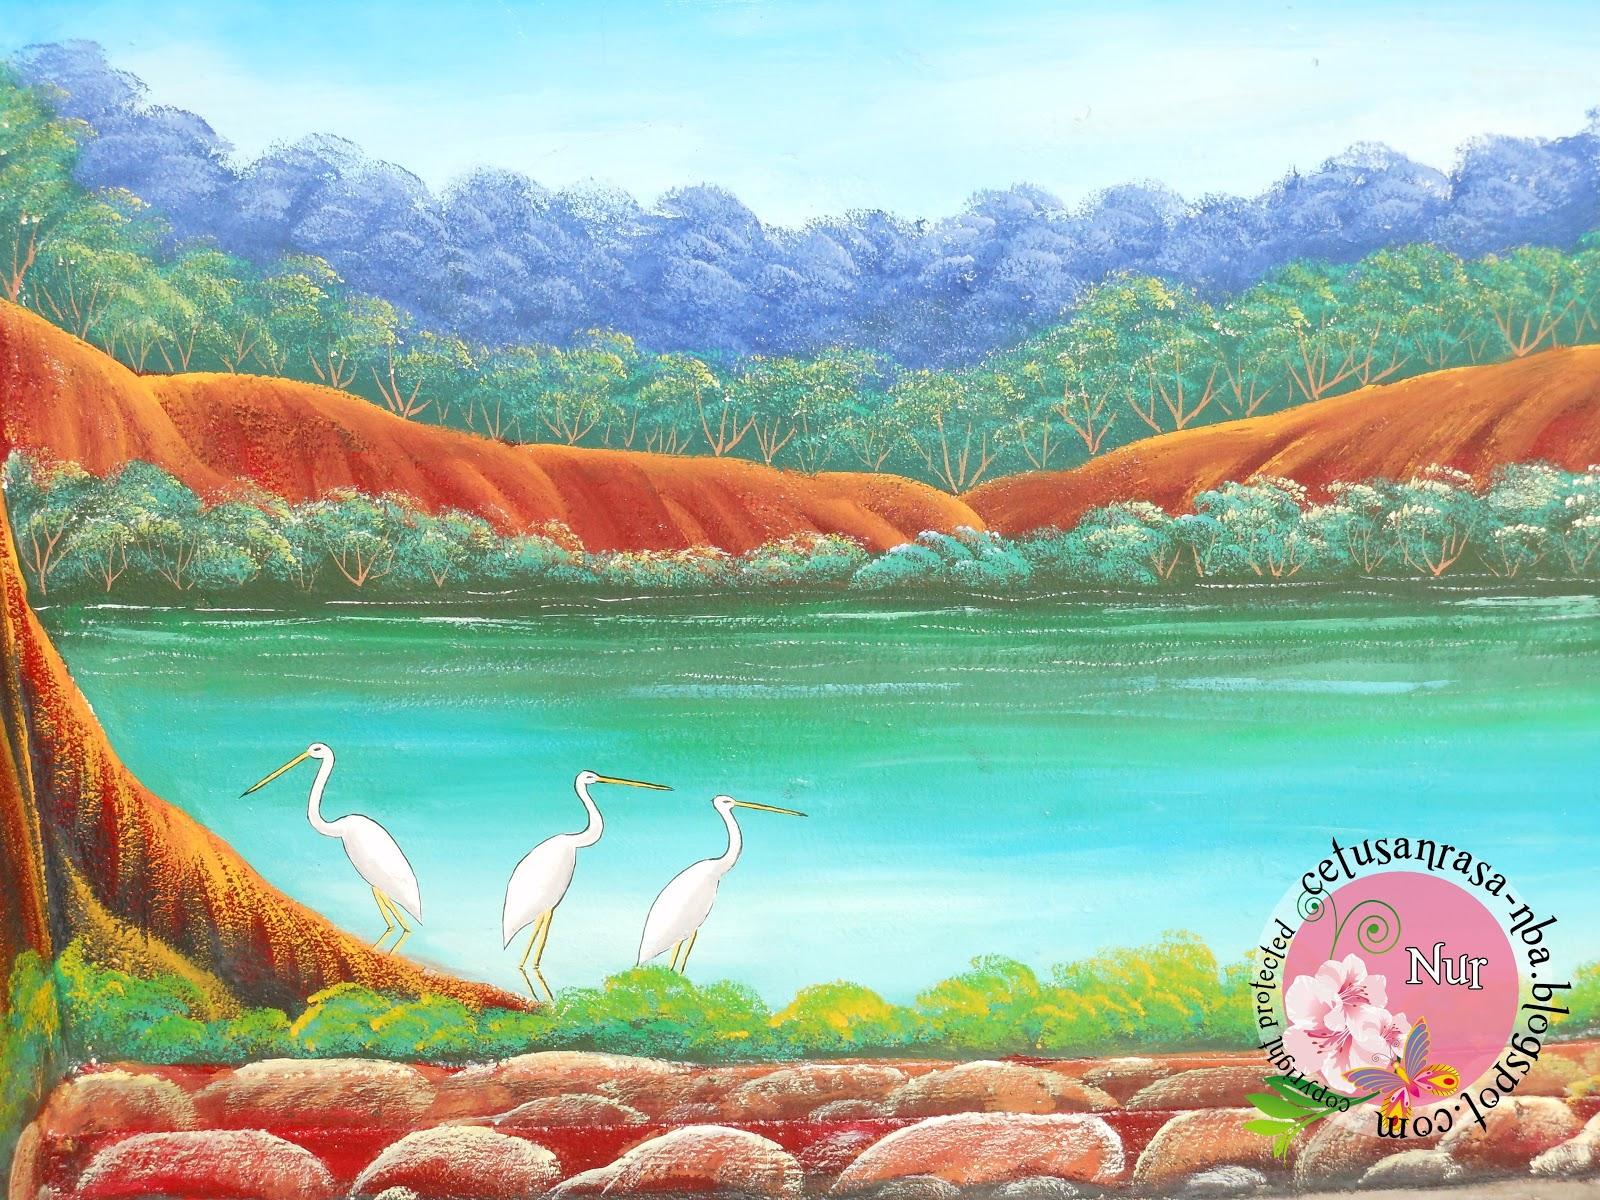 Cetusan rasa cantiknya lukisan mural ni for Mural kartun